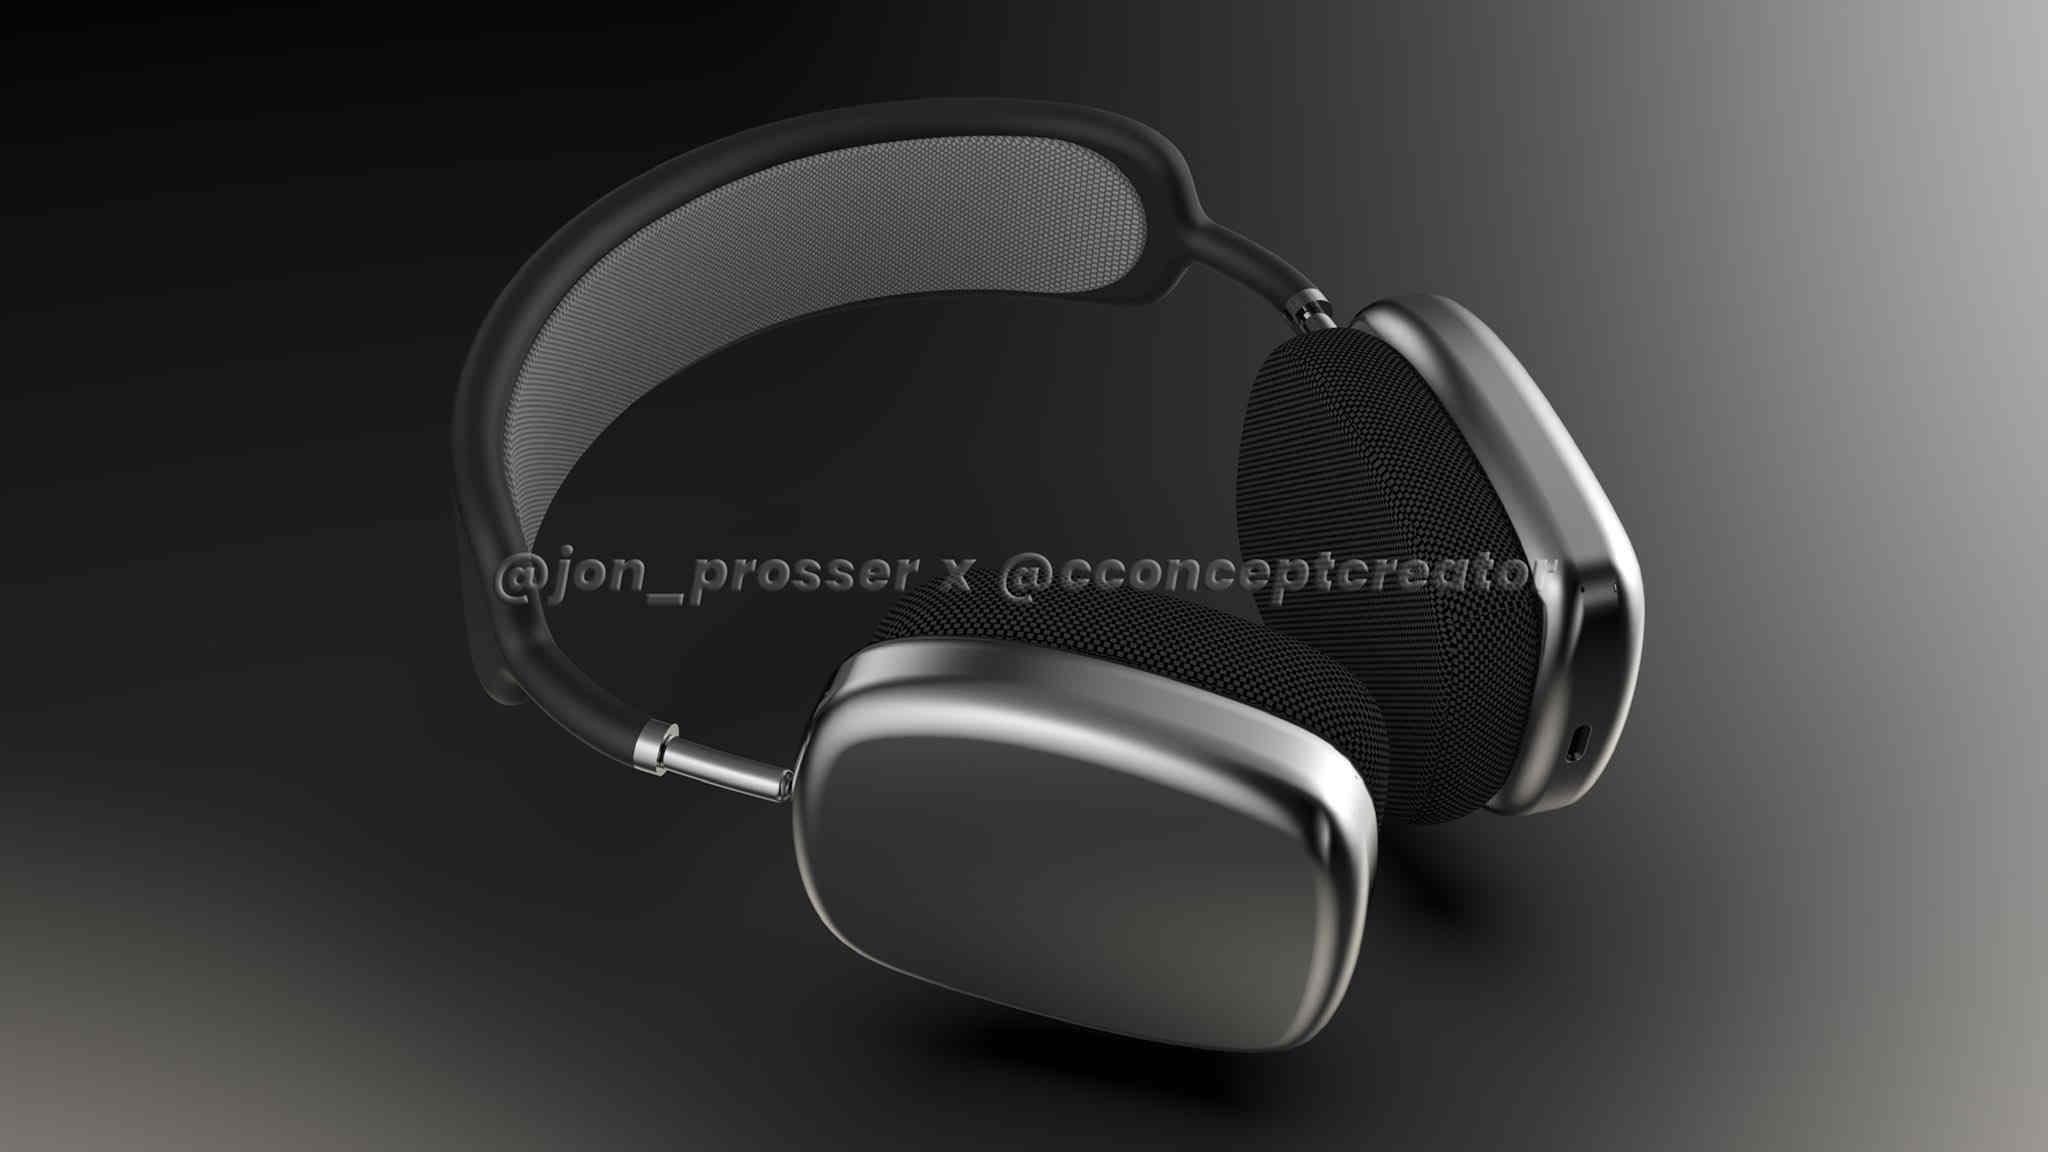 Tai nghe trùm đầu Apple AirPods Studio lộ thiết kế: chất liệu da và kim loại, cổng USB-C